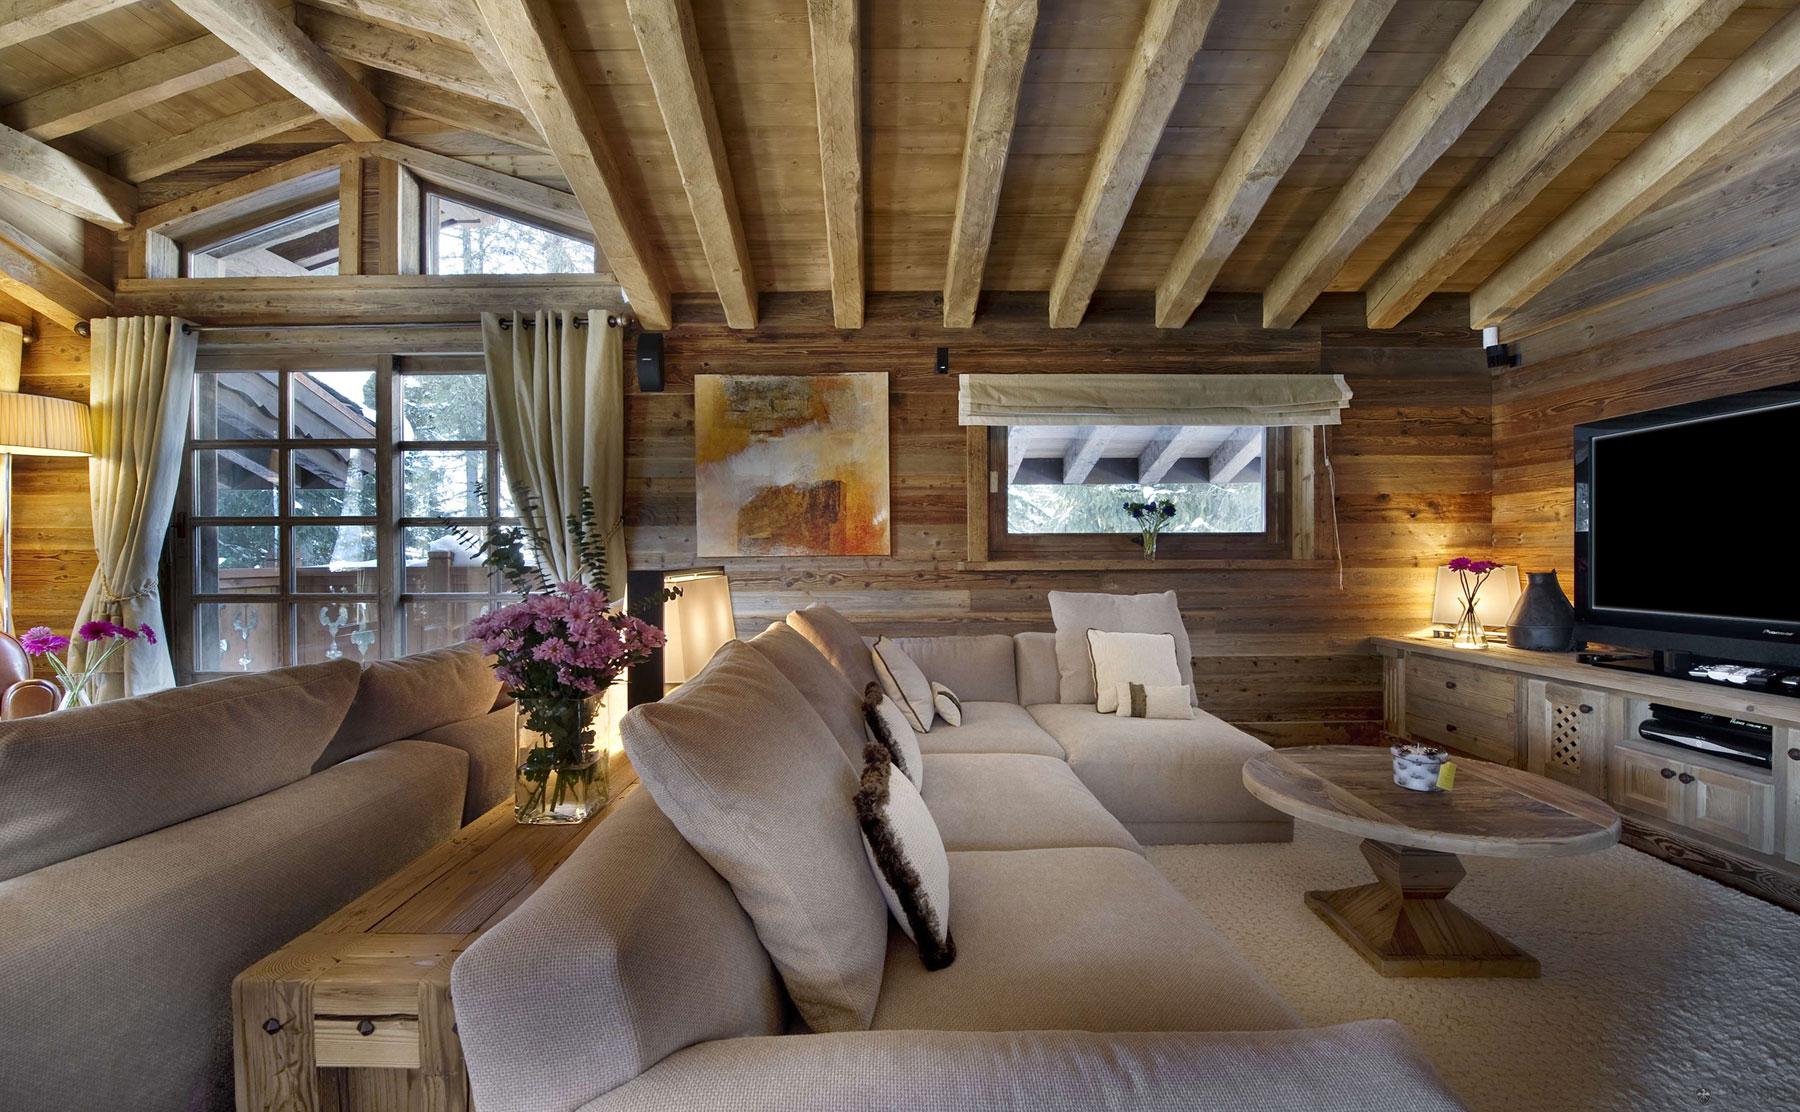 70 moderne innovative luxus interieur ideen f rs wohnzimmer for Interieur ideen